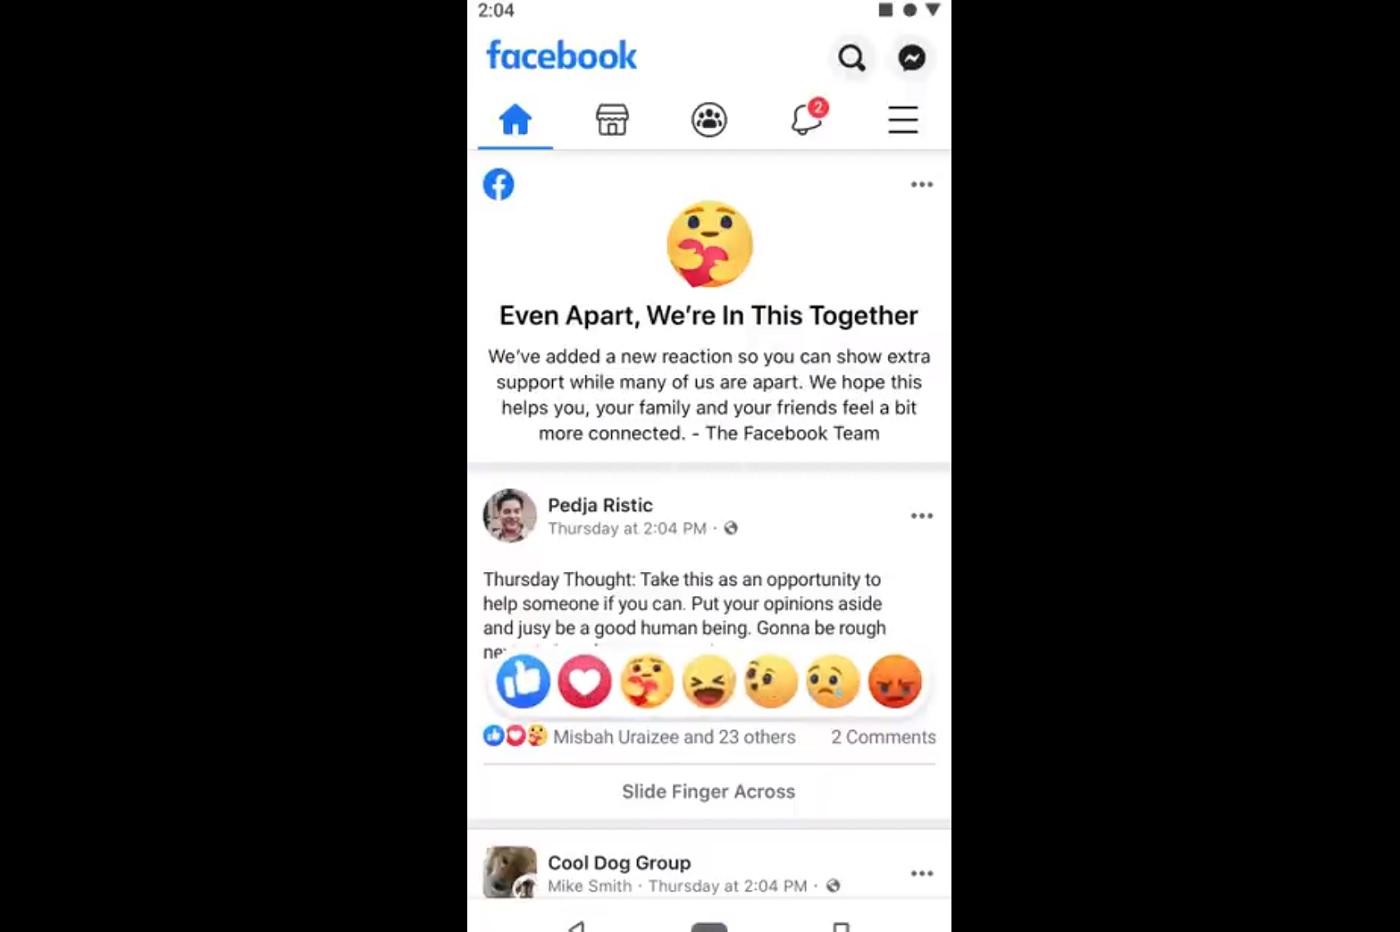 La nouvelle réaction Care de Facebook